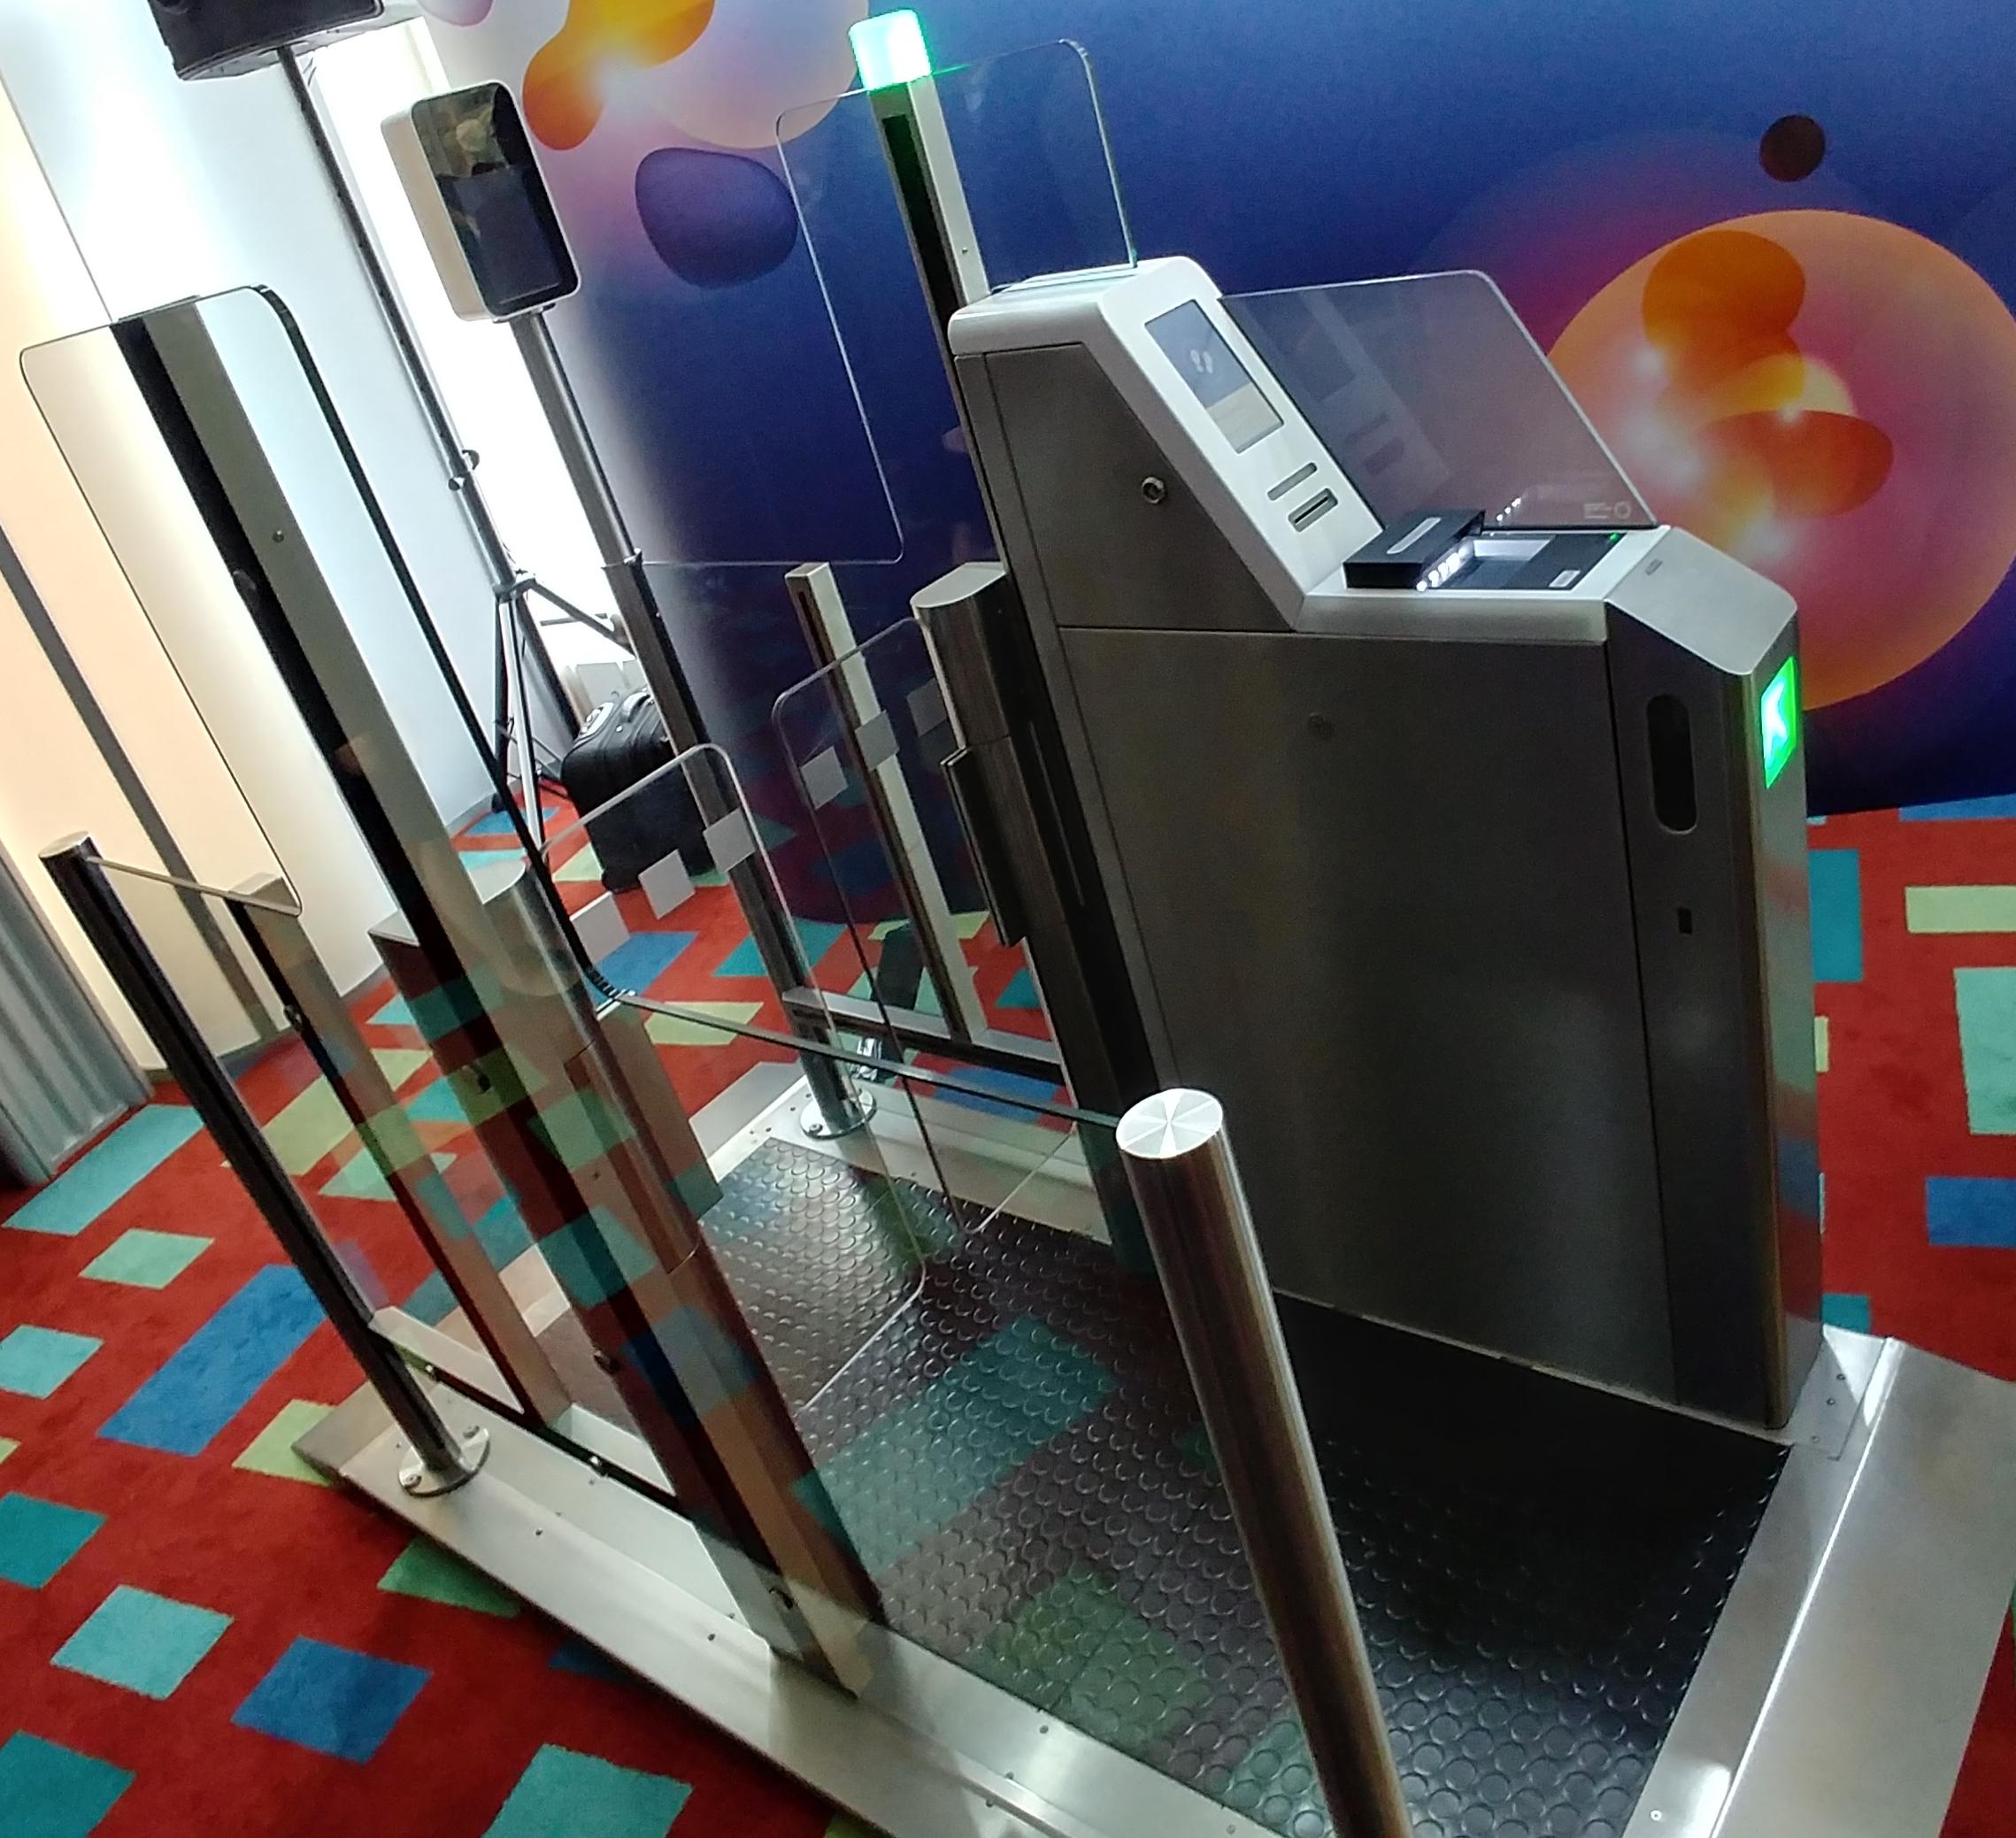 Распознавать лица пассажиров начнут саэропорта Домодедово